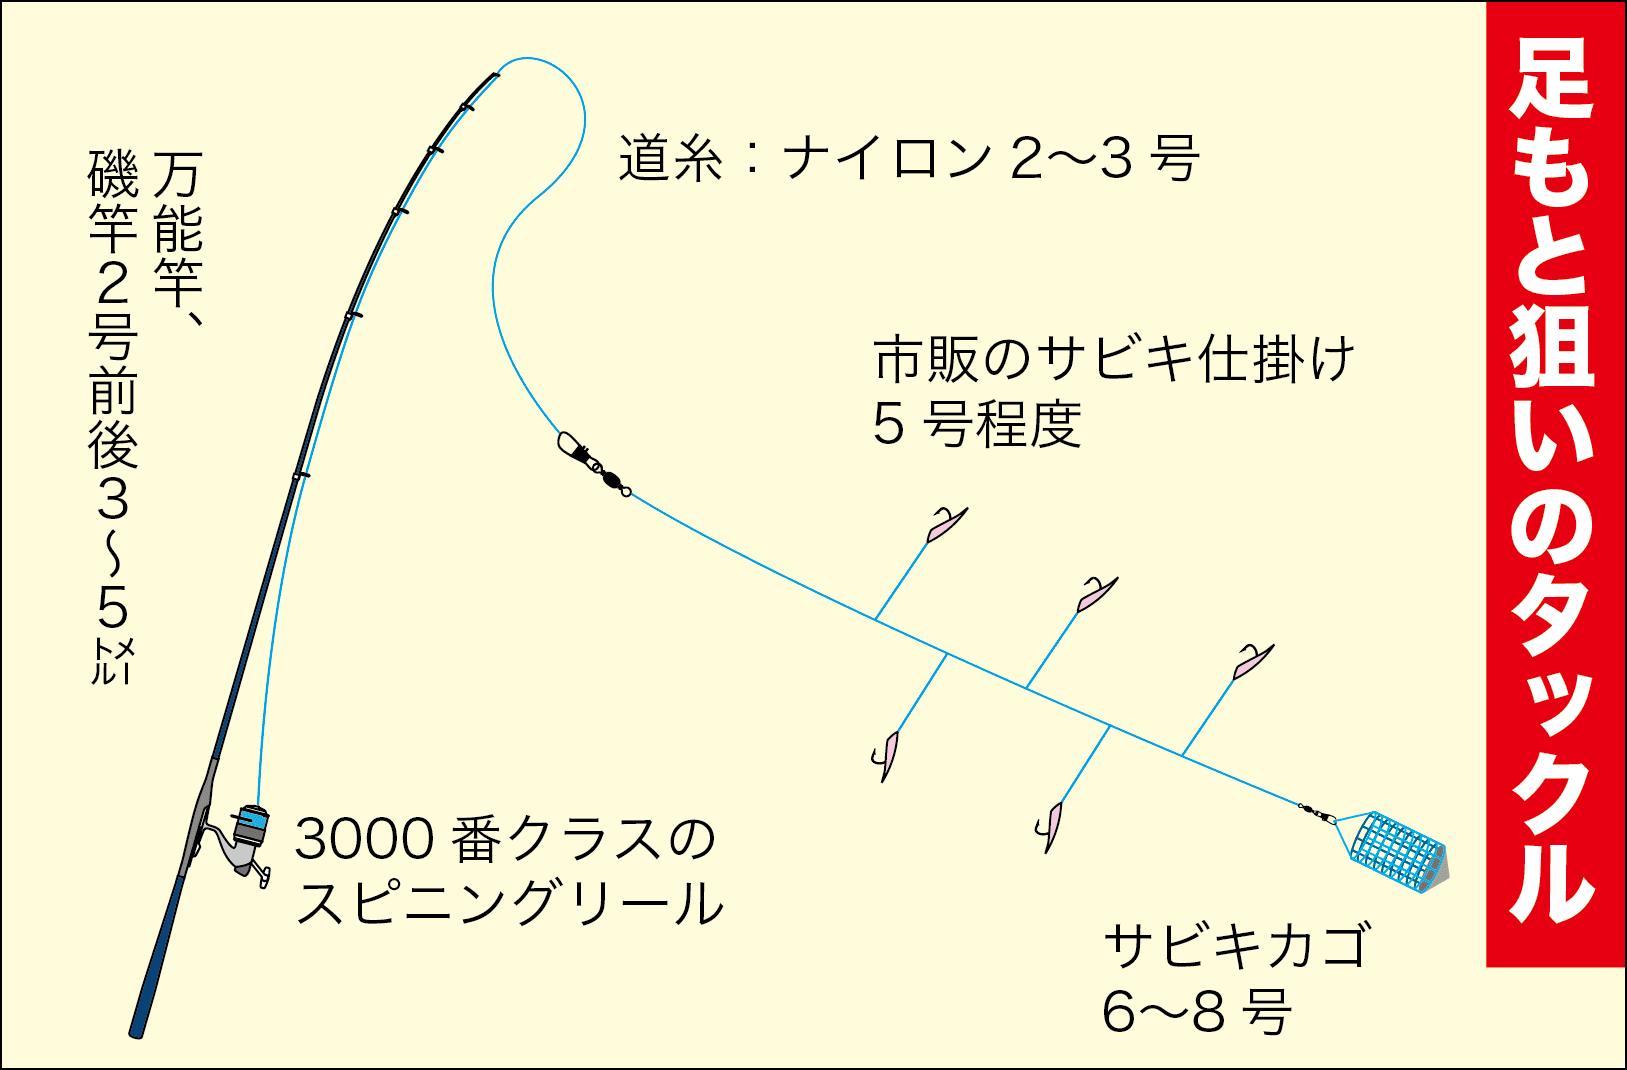 サビキ釣りスズナリ3-6